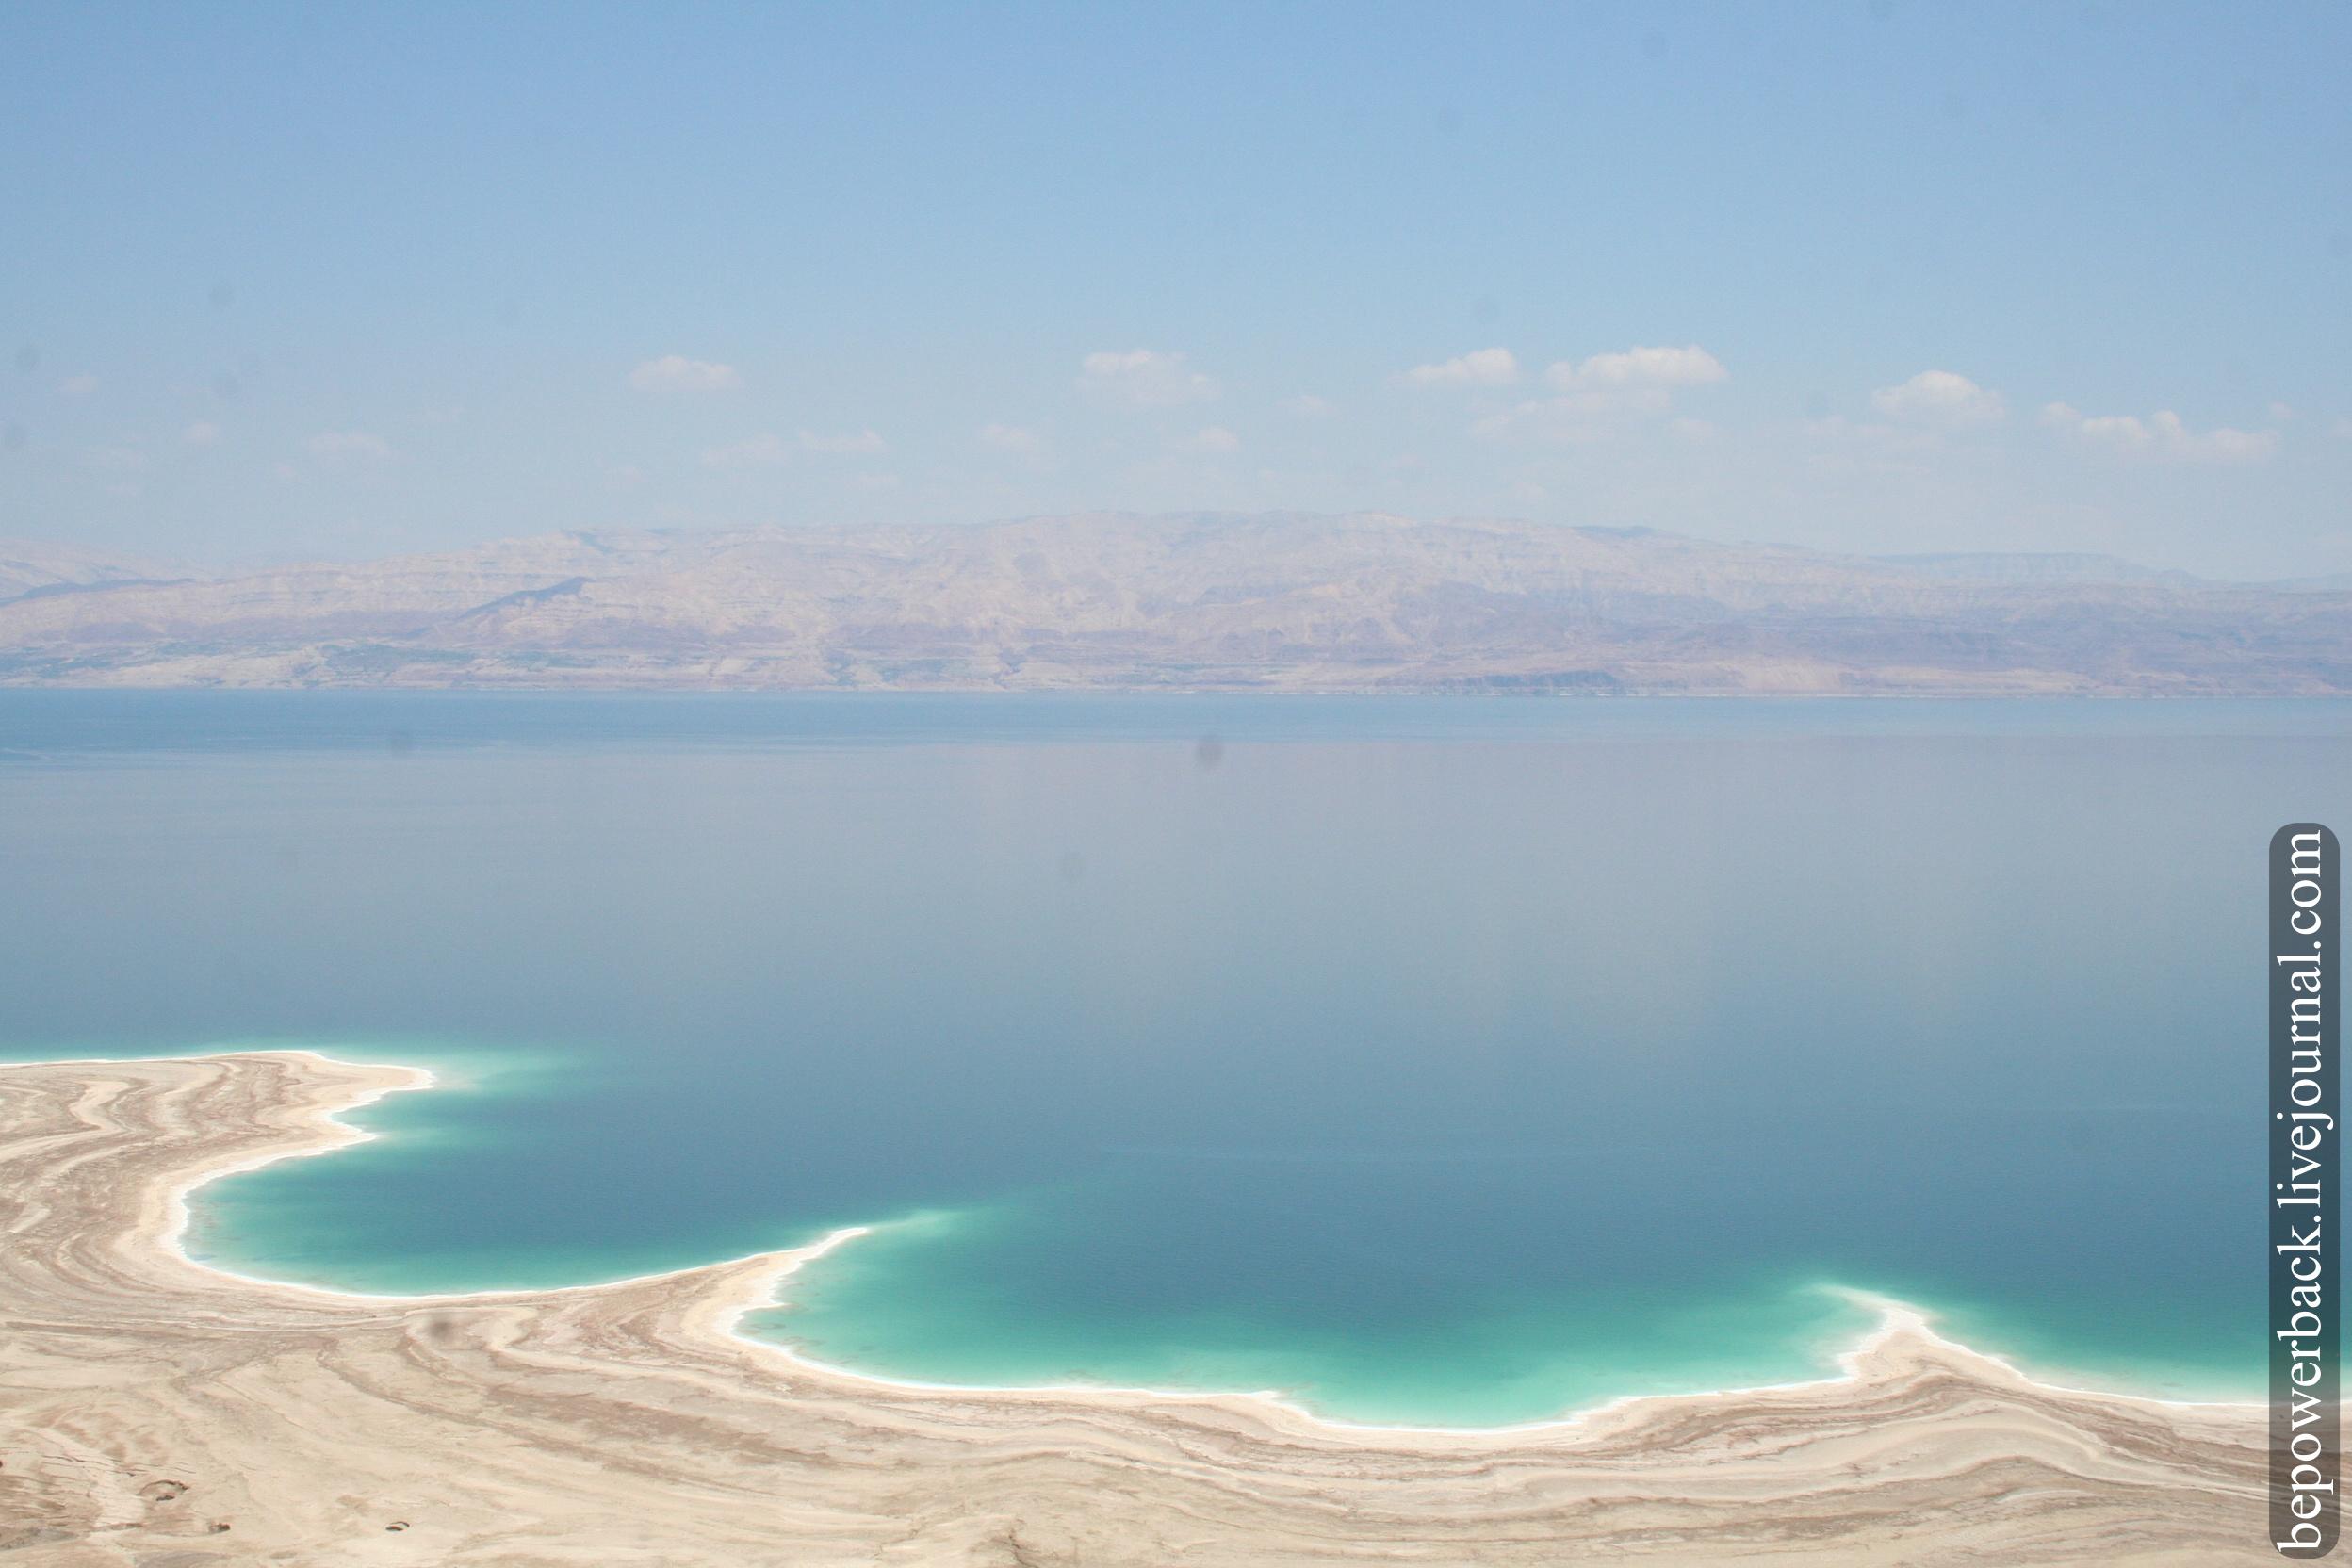 Билеты на самолет в израиль мертвое море москва-краснодар авиабилеты дешево акции распродажи